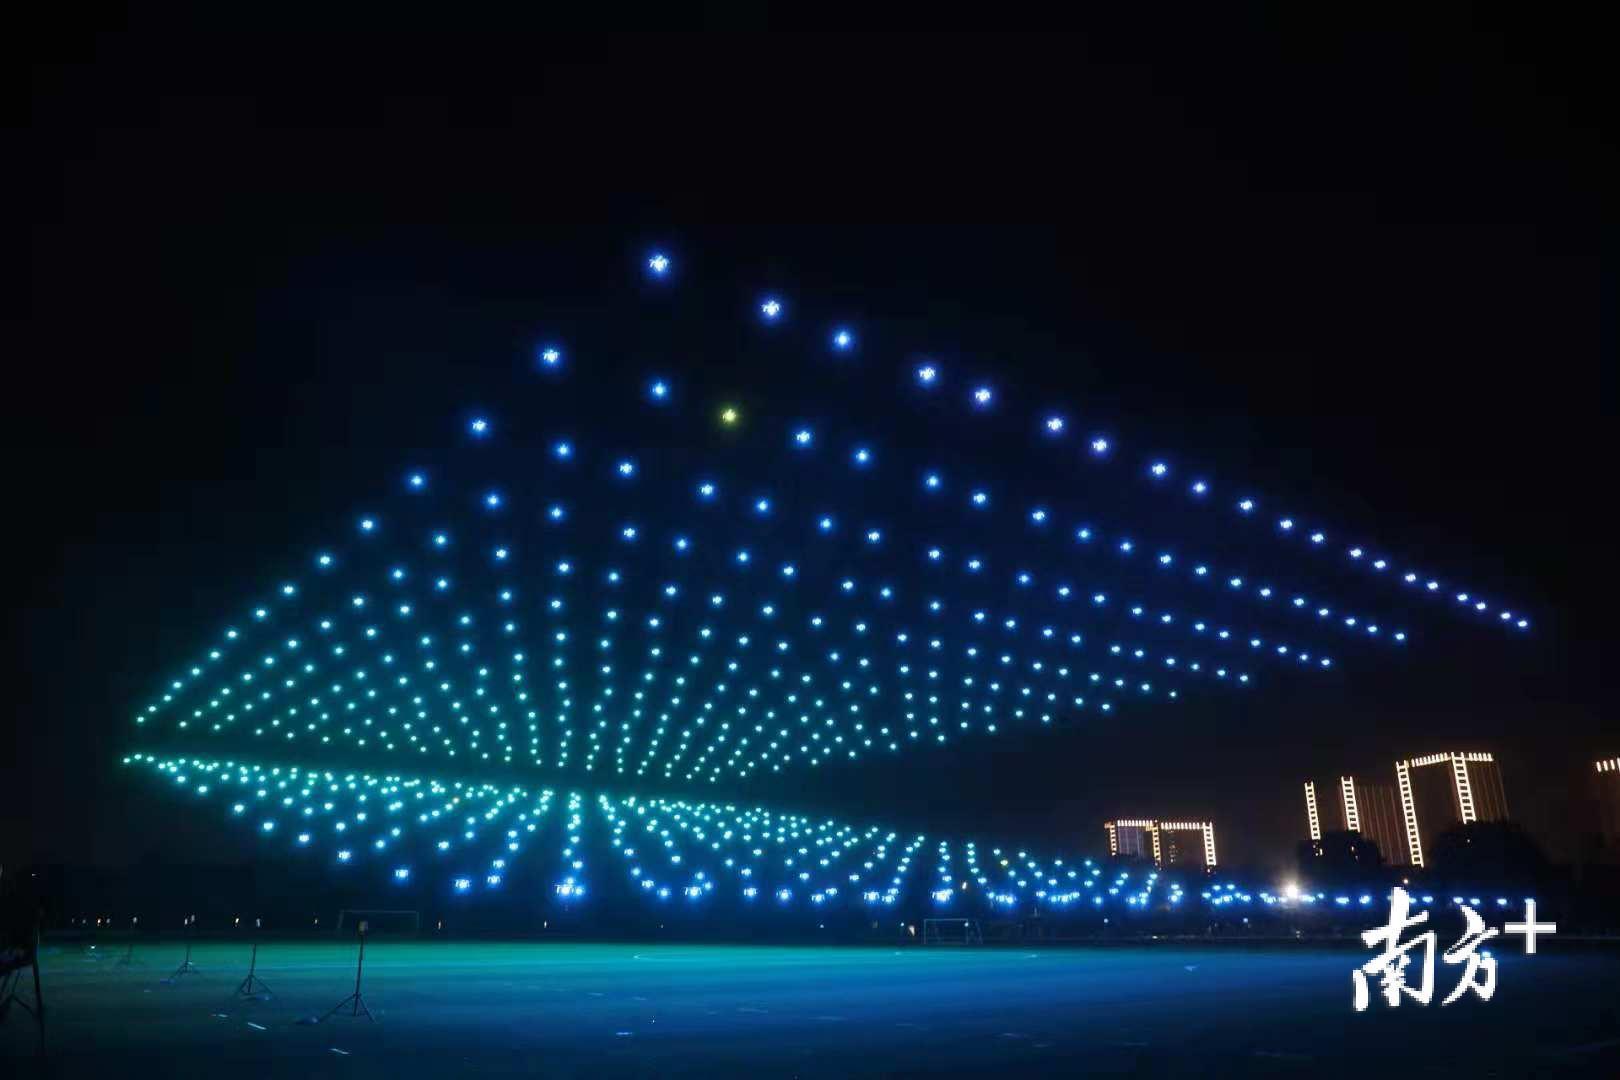 精彩!央视春晚班底操刀,600架无人机演绎奇幻灯光秀图片